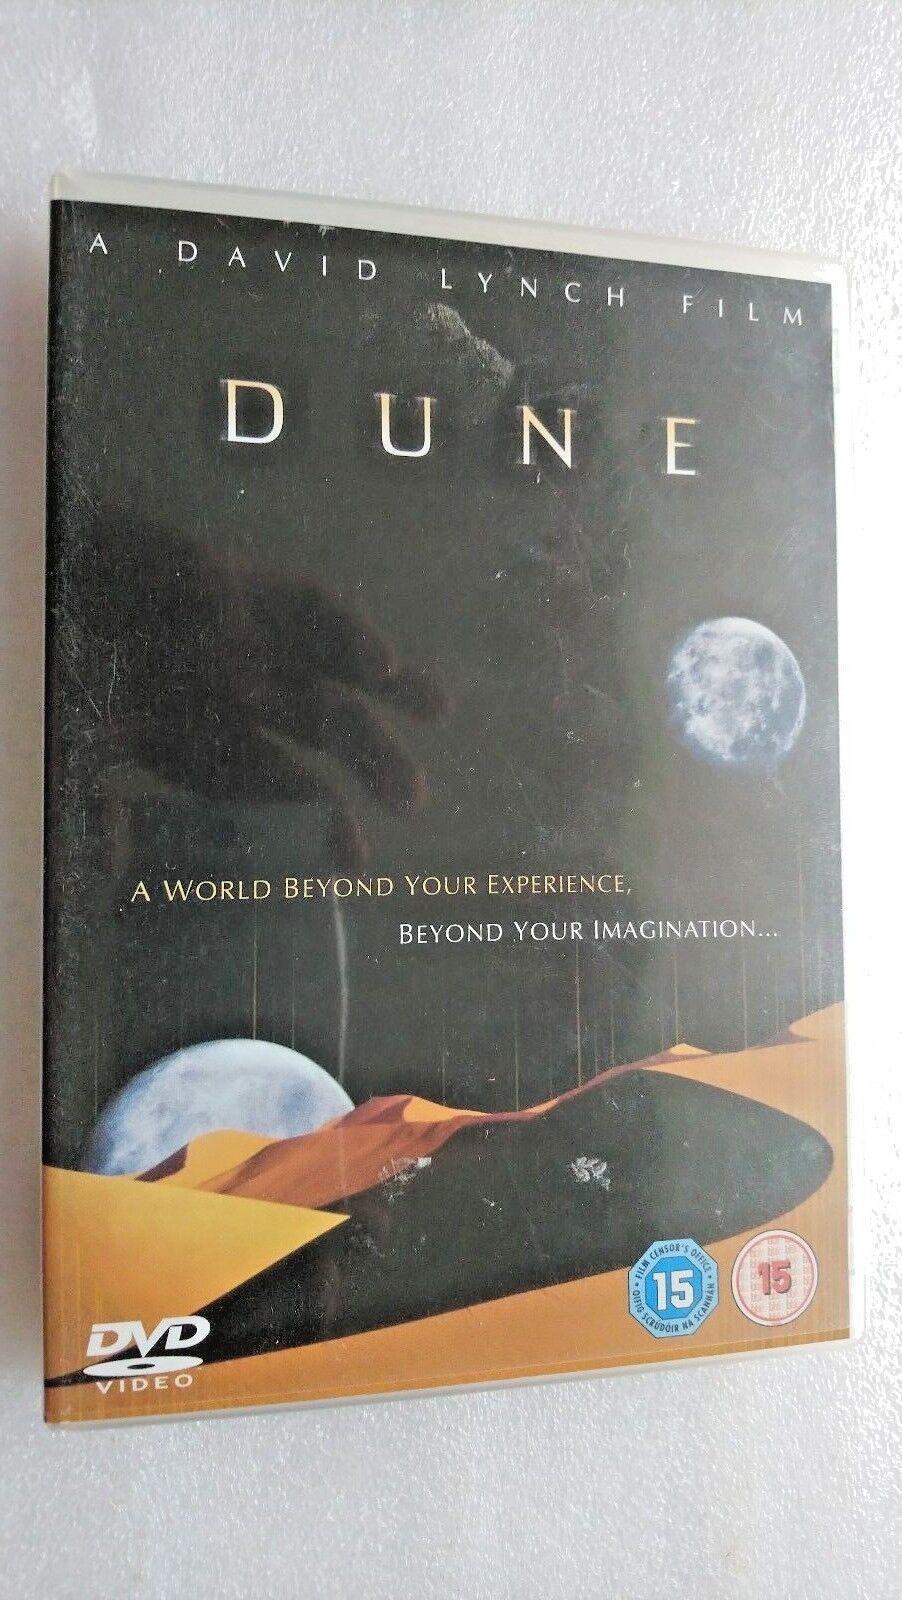 Dune (DVD, 2004)